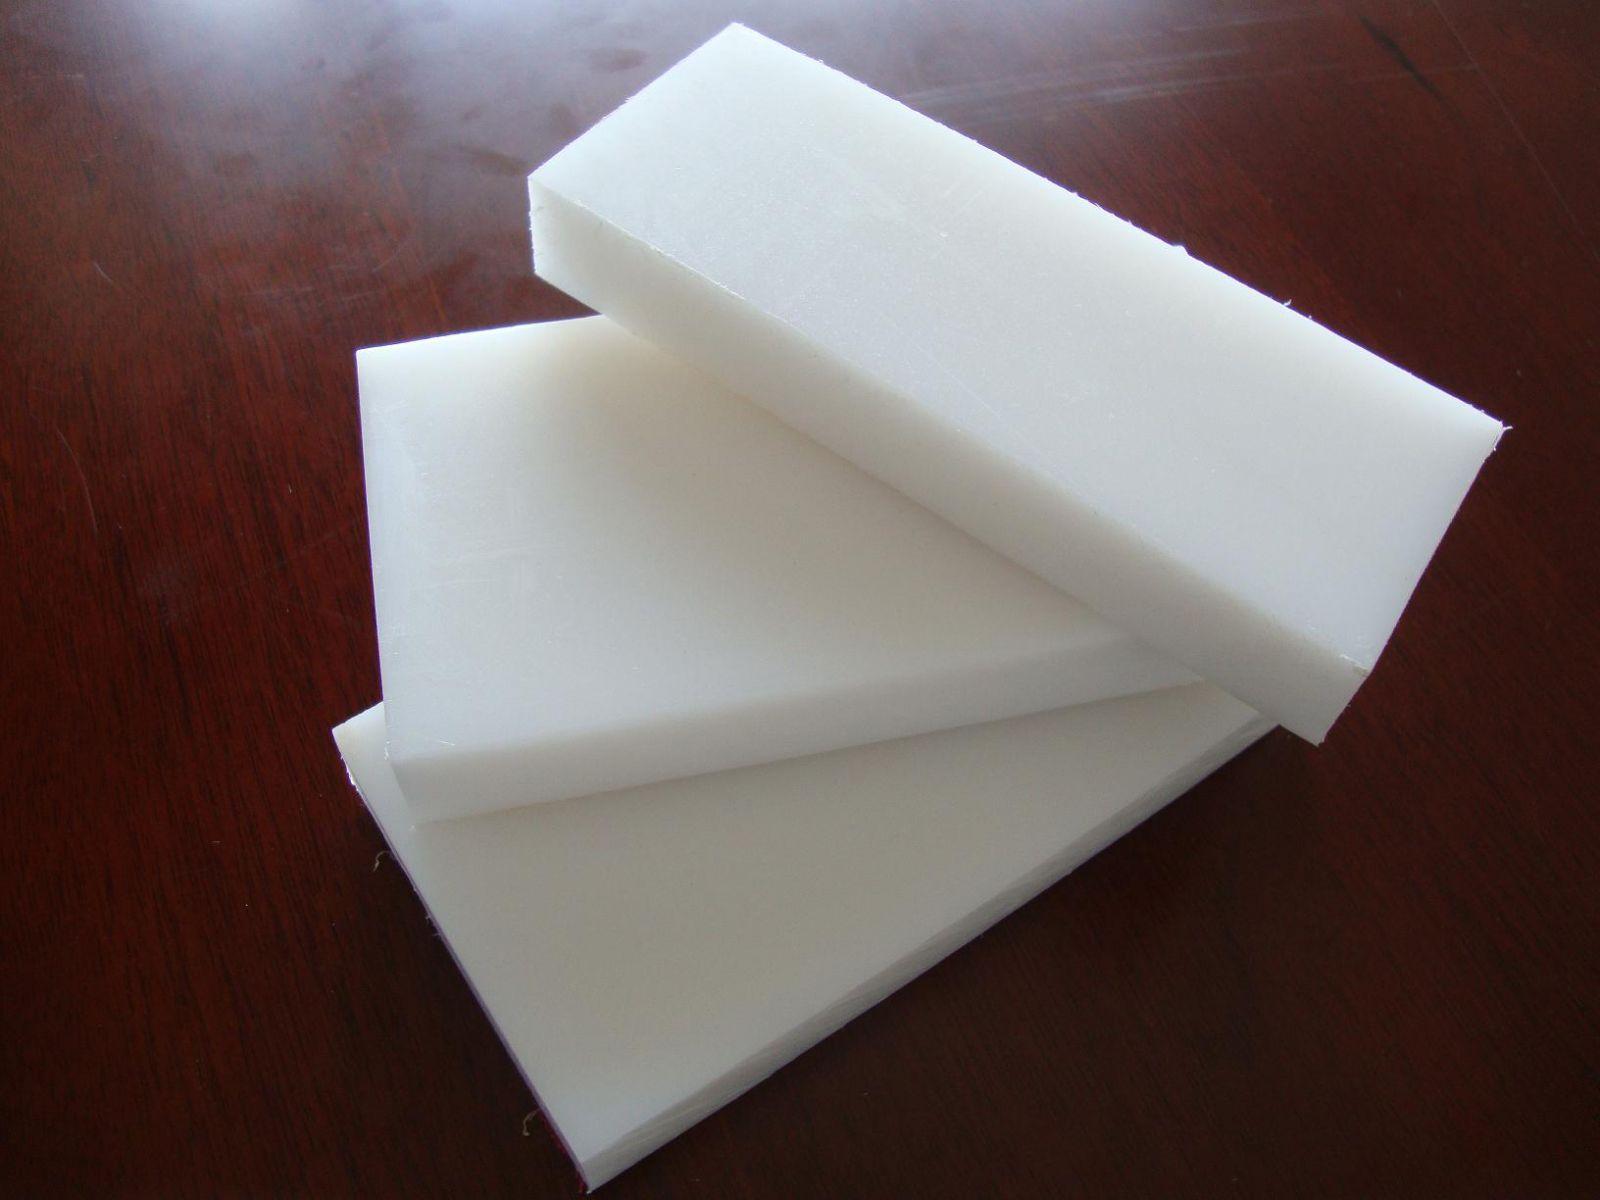 Tấm nhựa PP màu trắng sữa